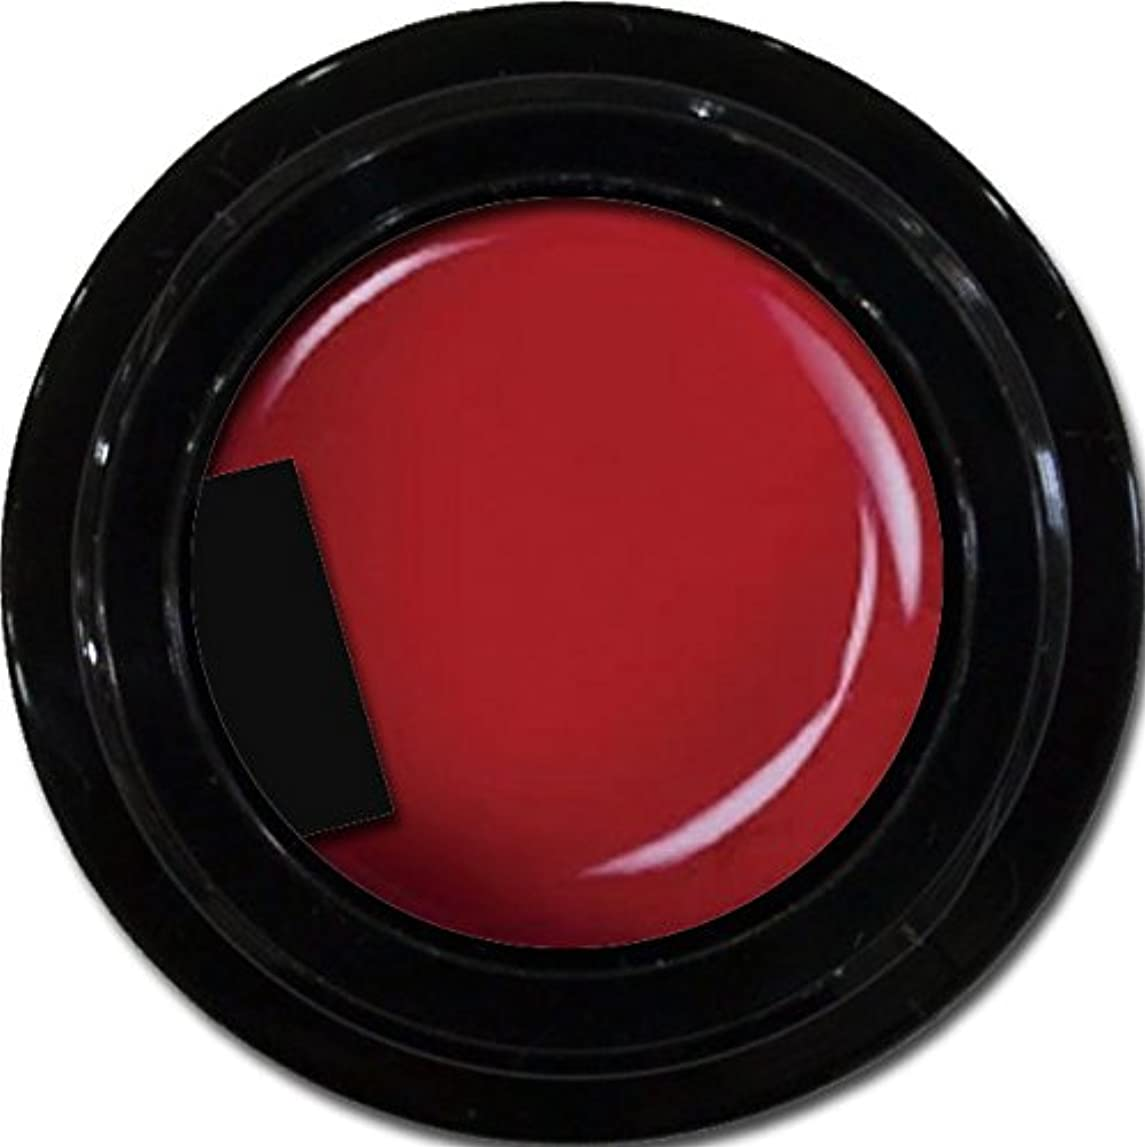 ヒューズおとうさんマーティフィールディングカラージェル enchant color gel M401 ShinyRed 3g/ マットカラージェル M401 シャイニーレッド 3グラム